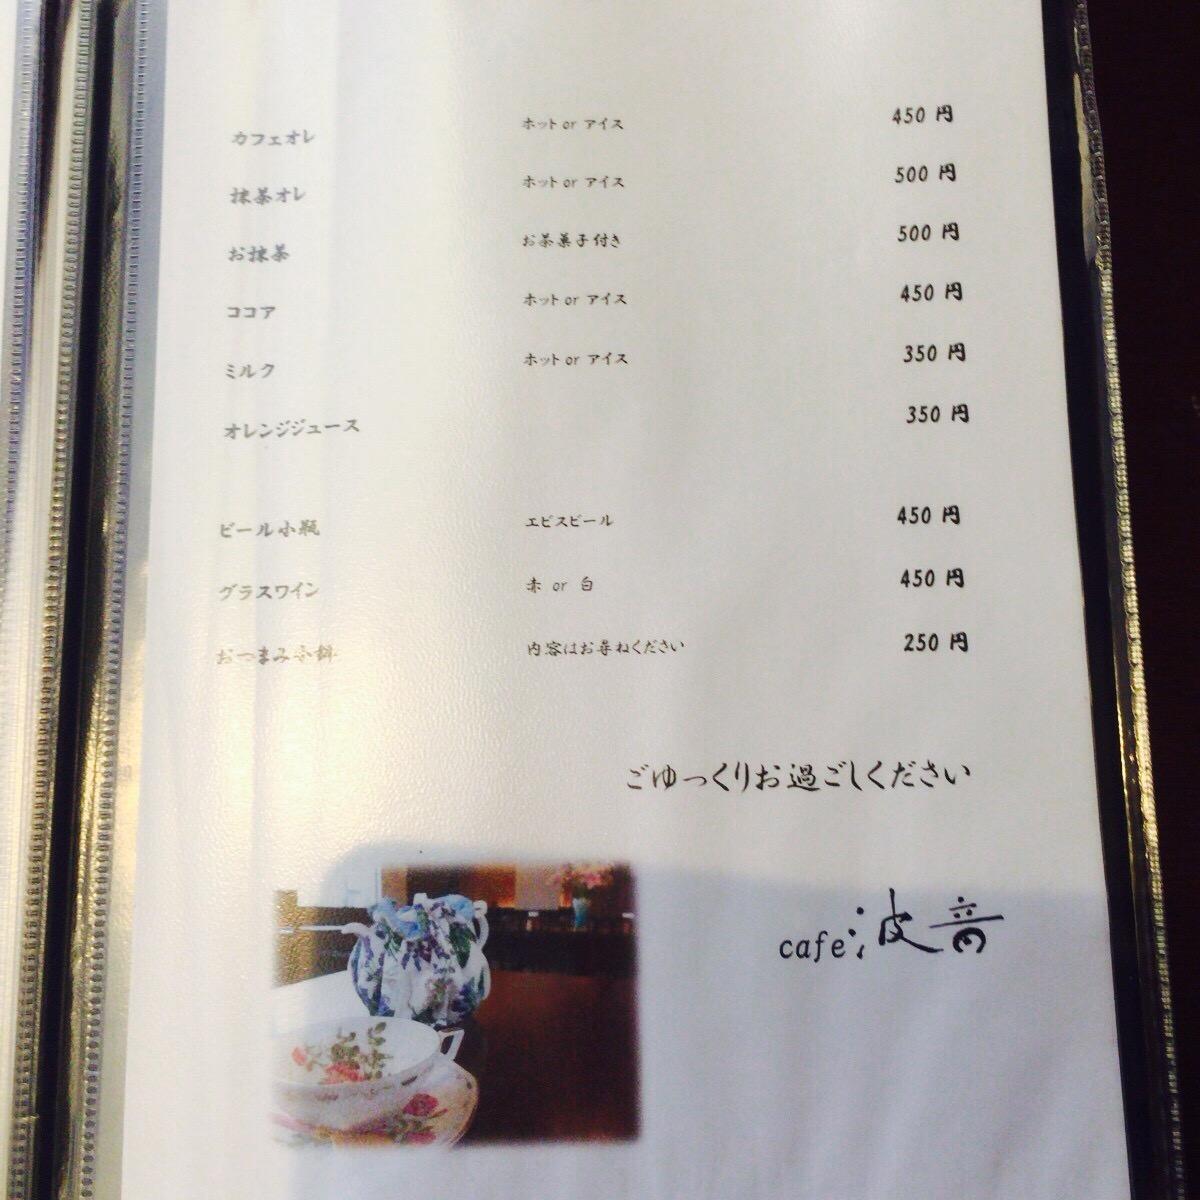 新鎌ケ谷駅前にありながら、ゆったりくつろげる居心地の良いカフェ『HAON』(千葉県鎌ケ谷市)